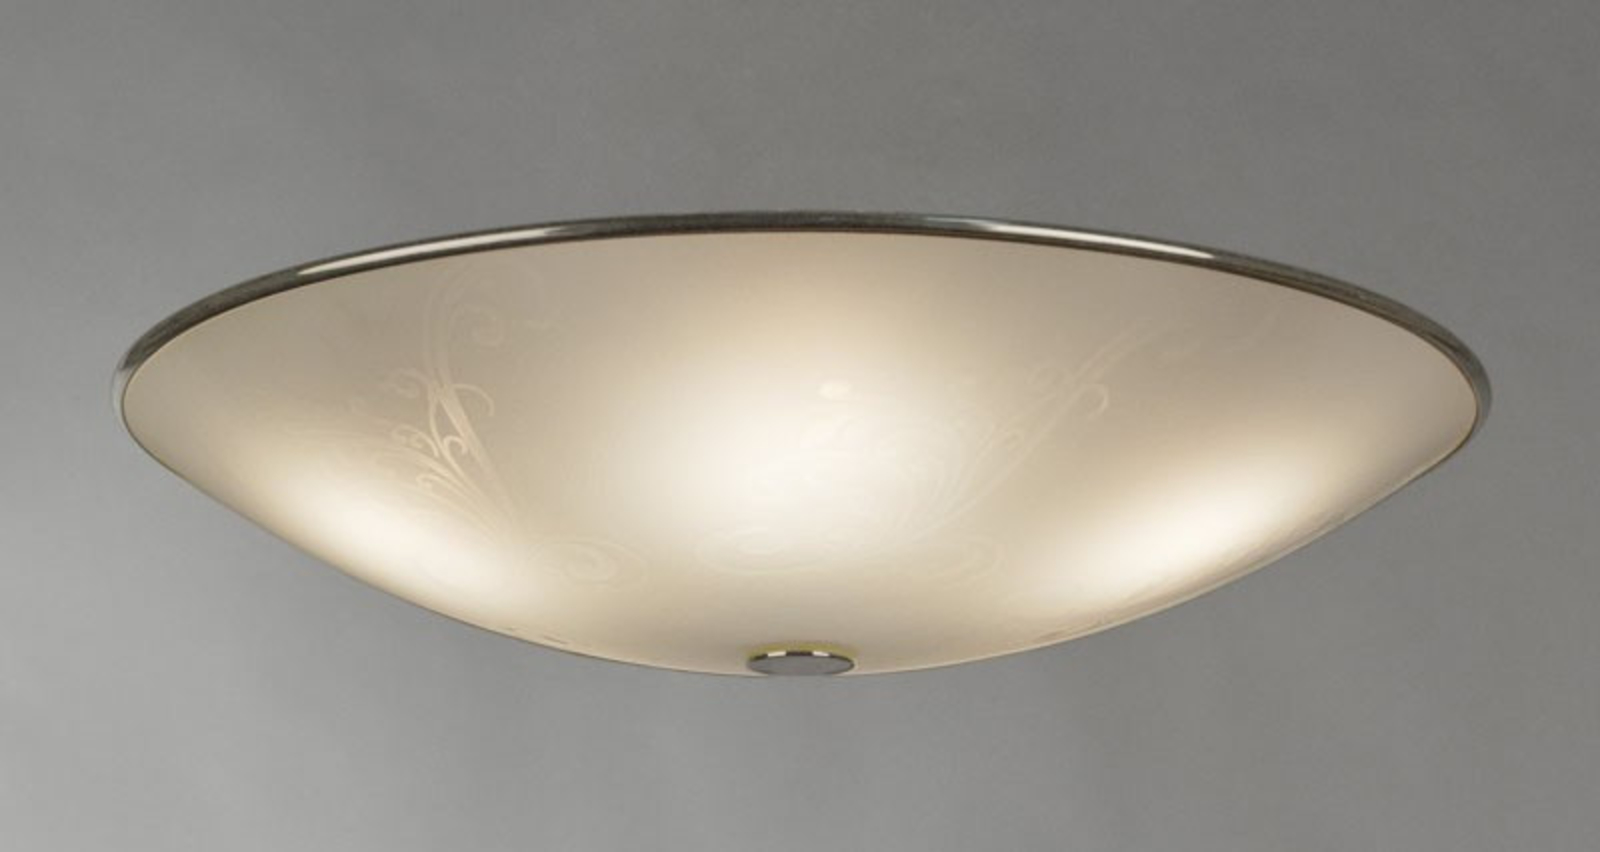 Купить Накладной светильник Лайн 911 CL911503, HomeMe